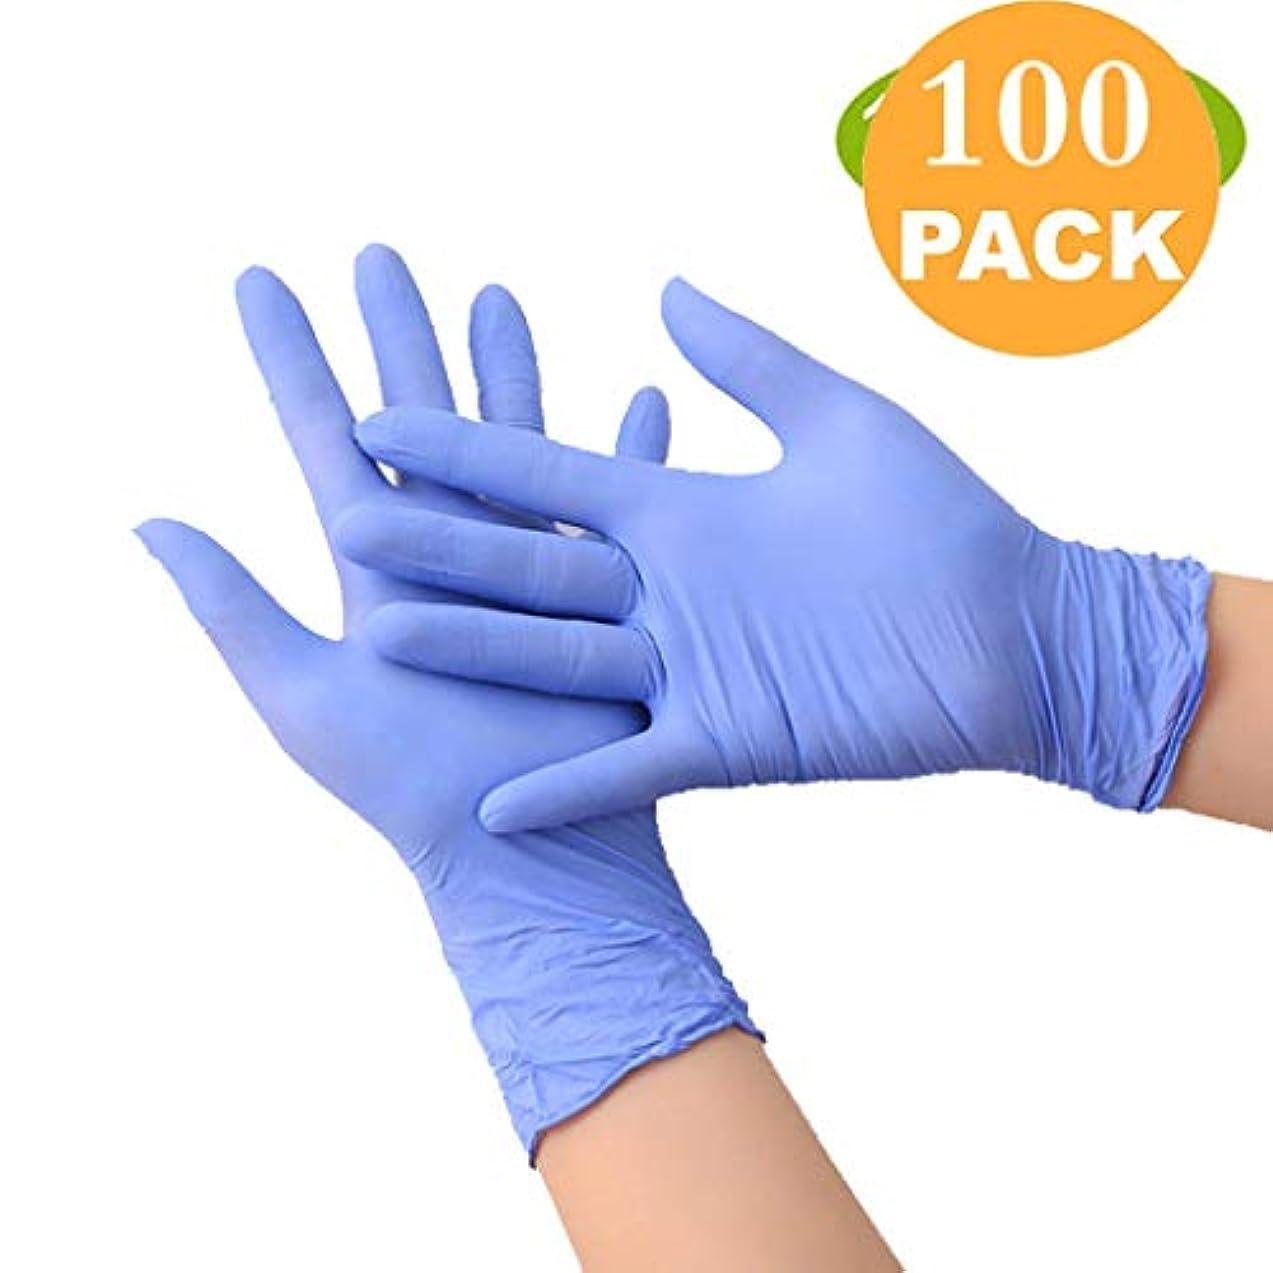 転倒恐怖症大邸宅ニトリル使い捨てパウダーフリー耐酸クリーン美容ネイルサロン油と酸耐性-100パーボックス (Color : Blue, Size : S)